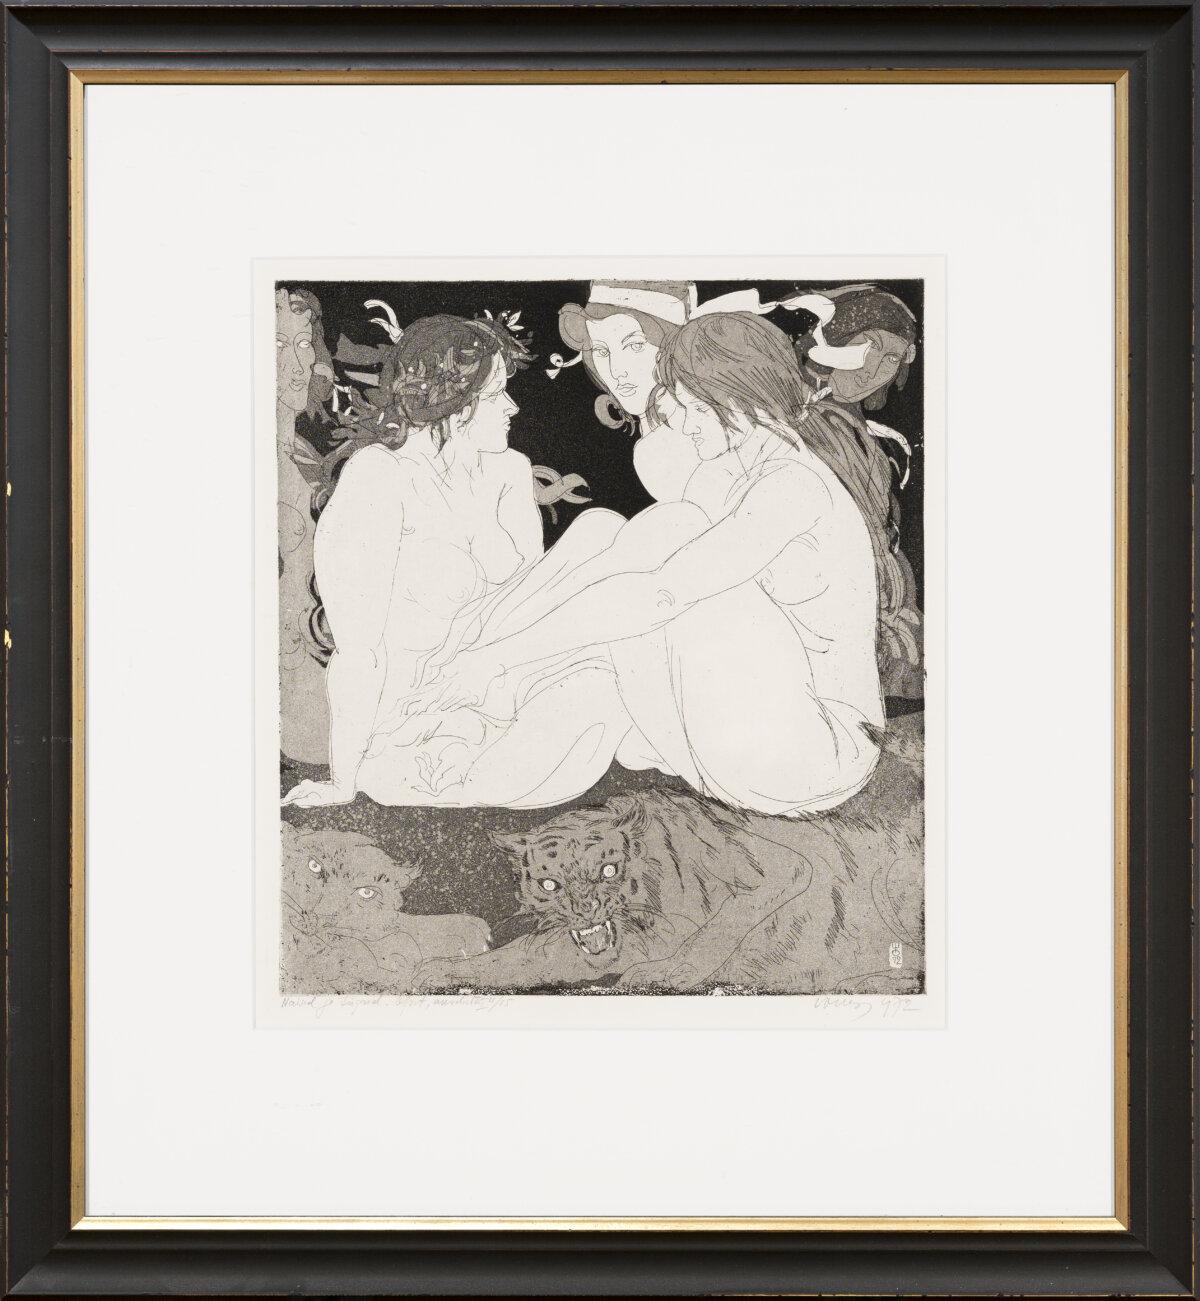 """Evald Okas """"Naised ja tiigrid"""", 1972. 36 x 32 cm."""